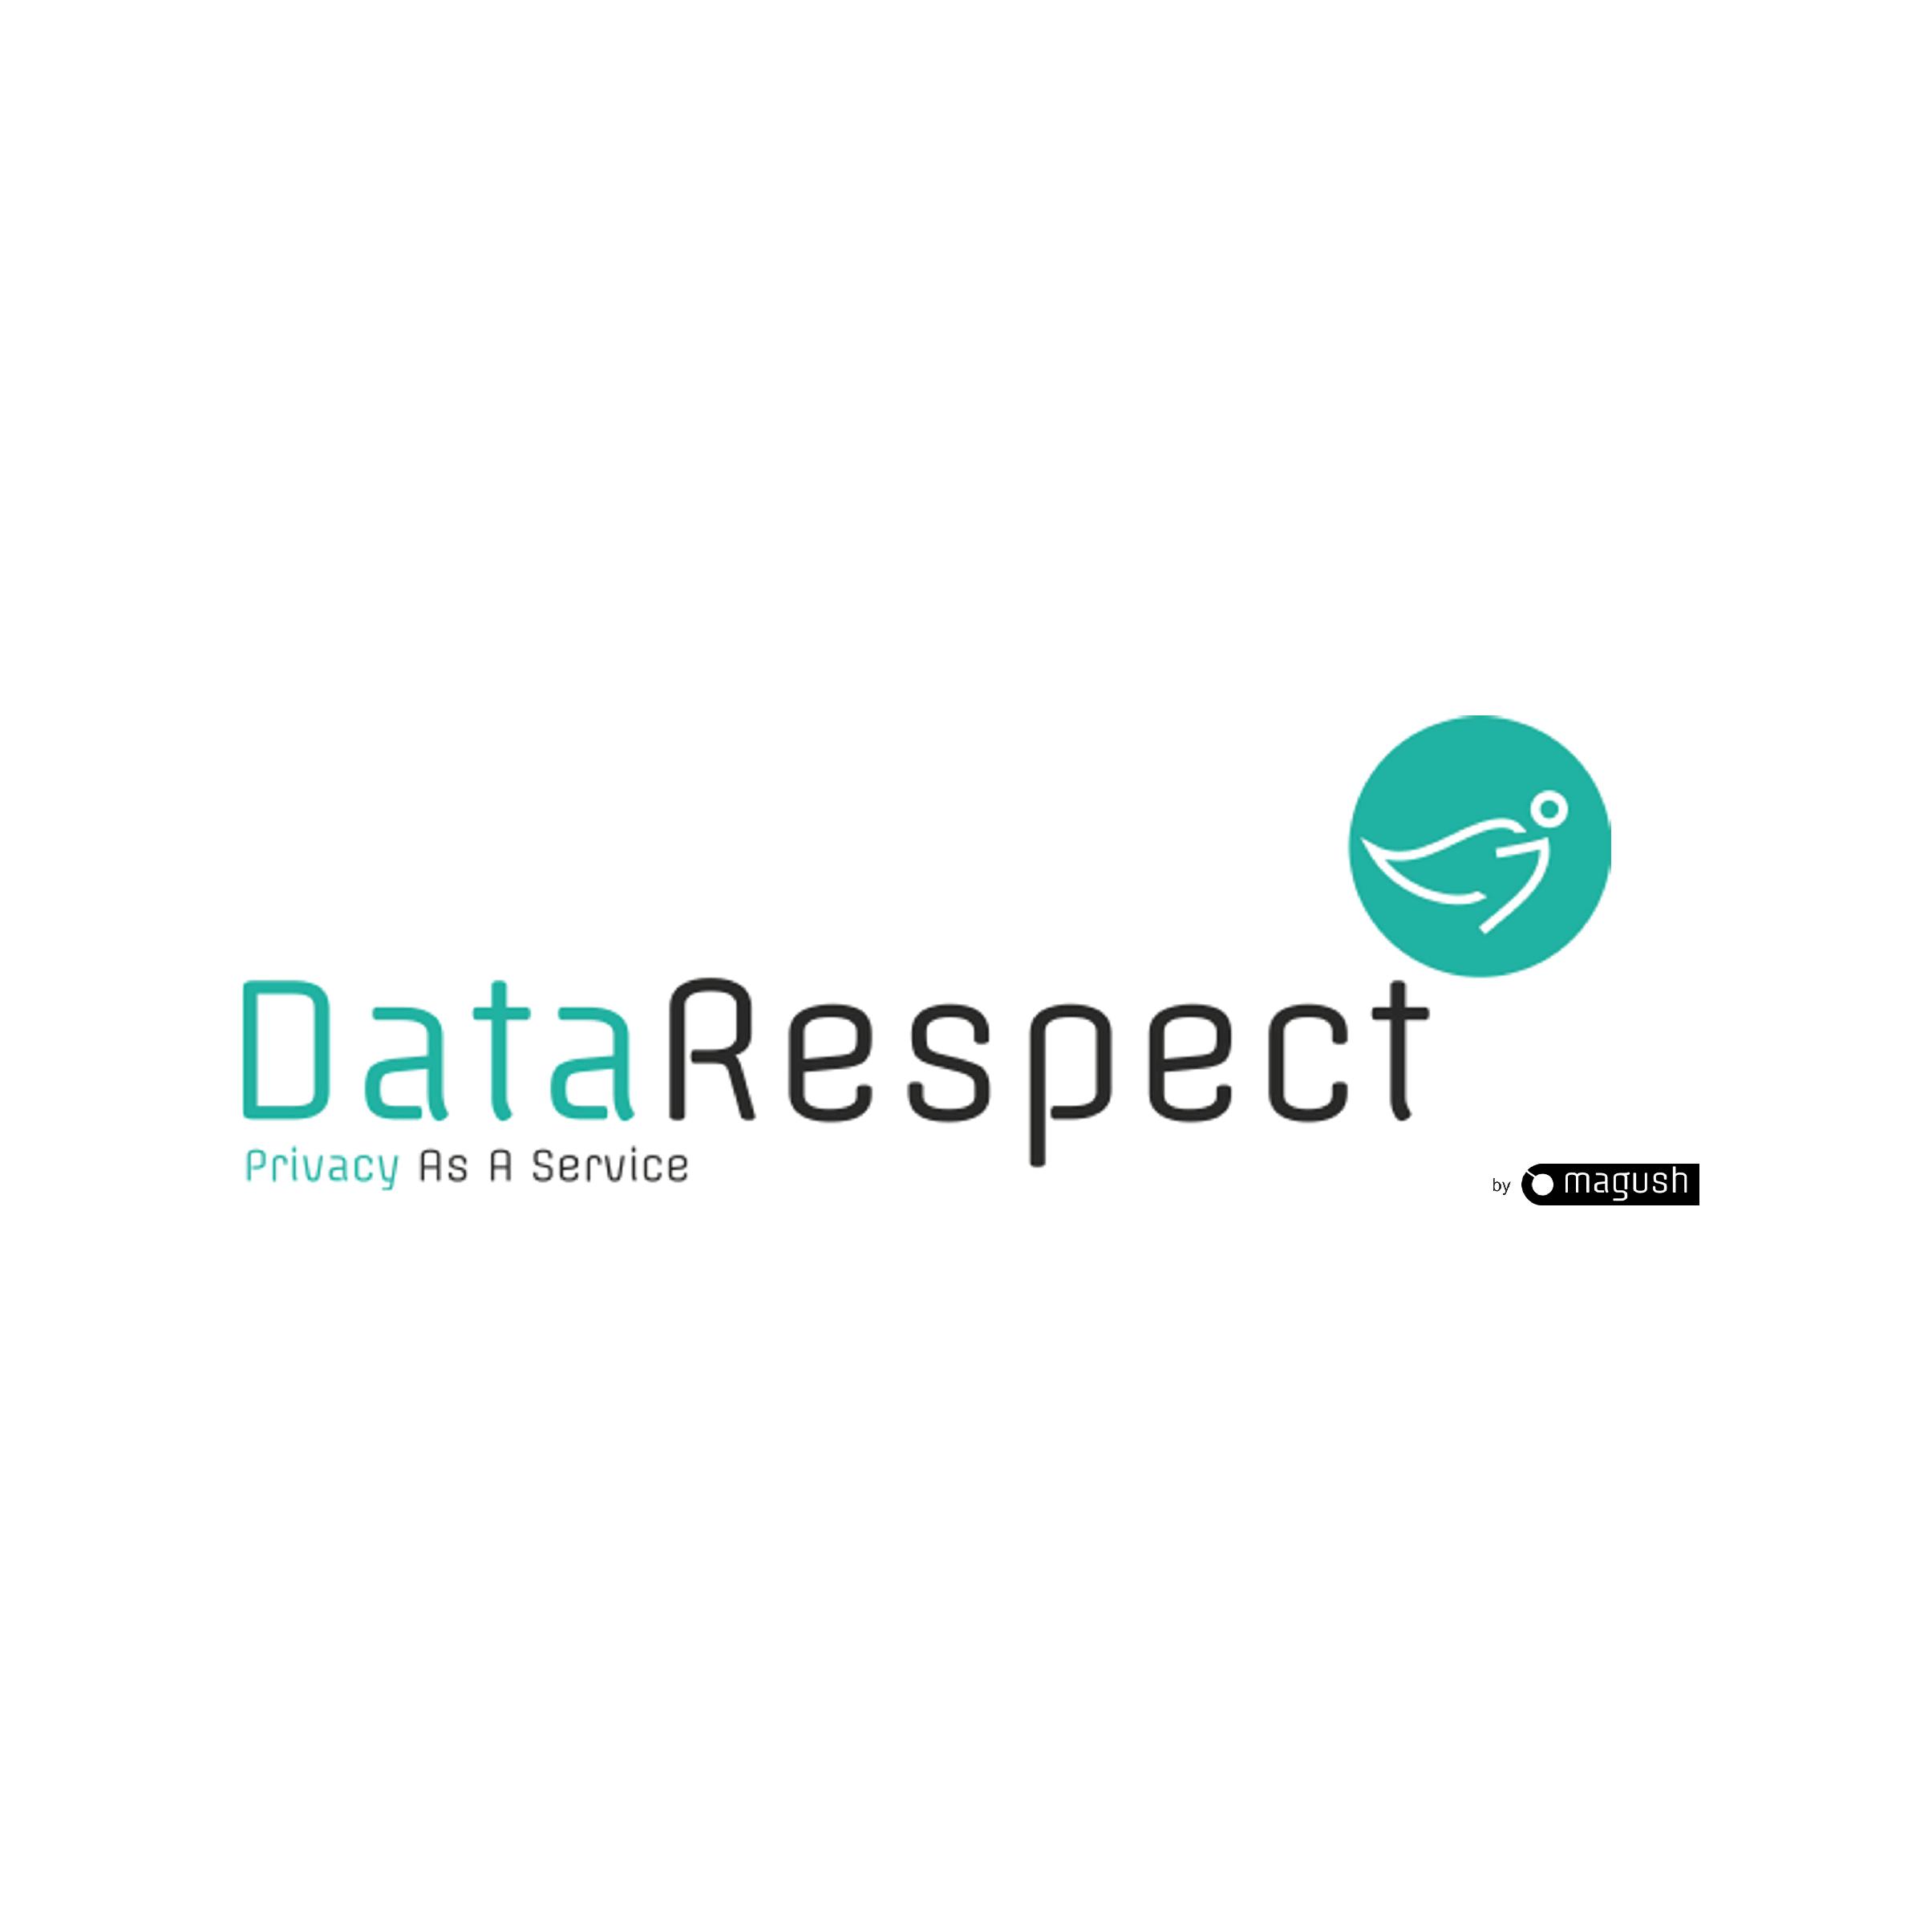 DATARESPECT